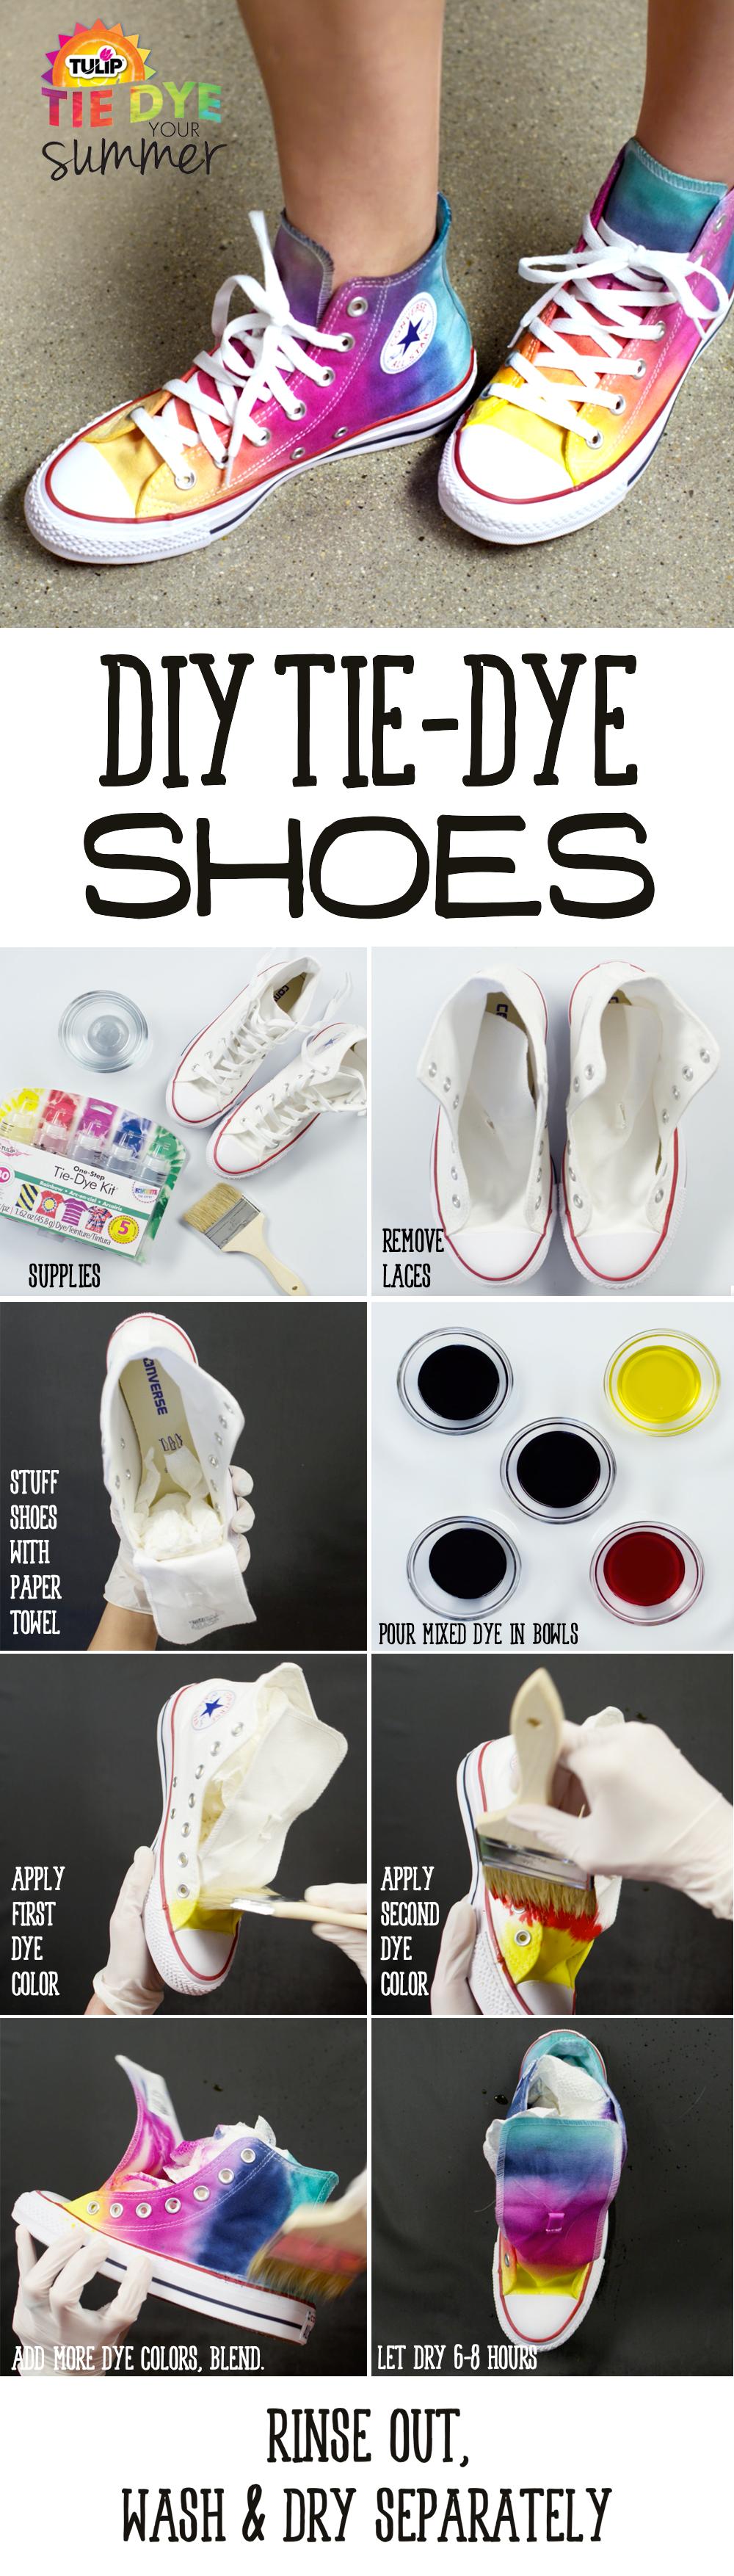 tie-dye sneakers - diy summer - tie die tutorial | moore: tie dye